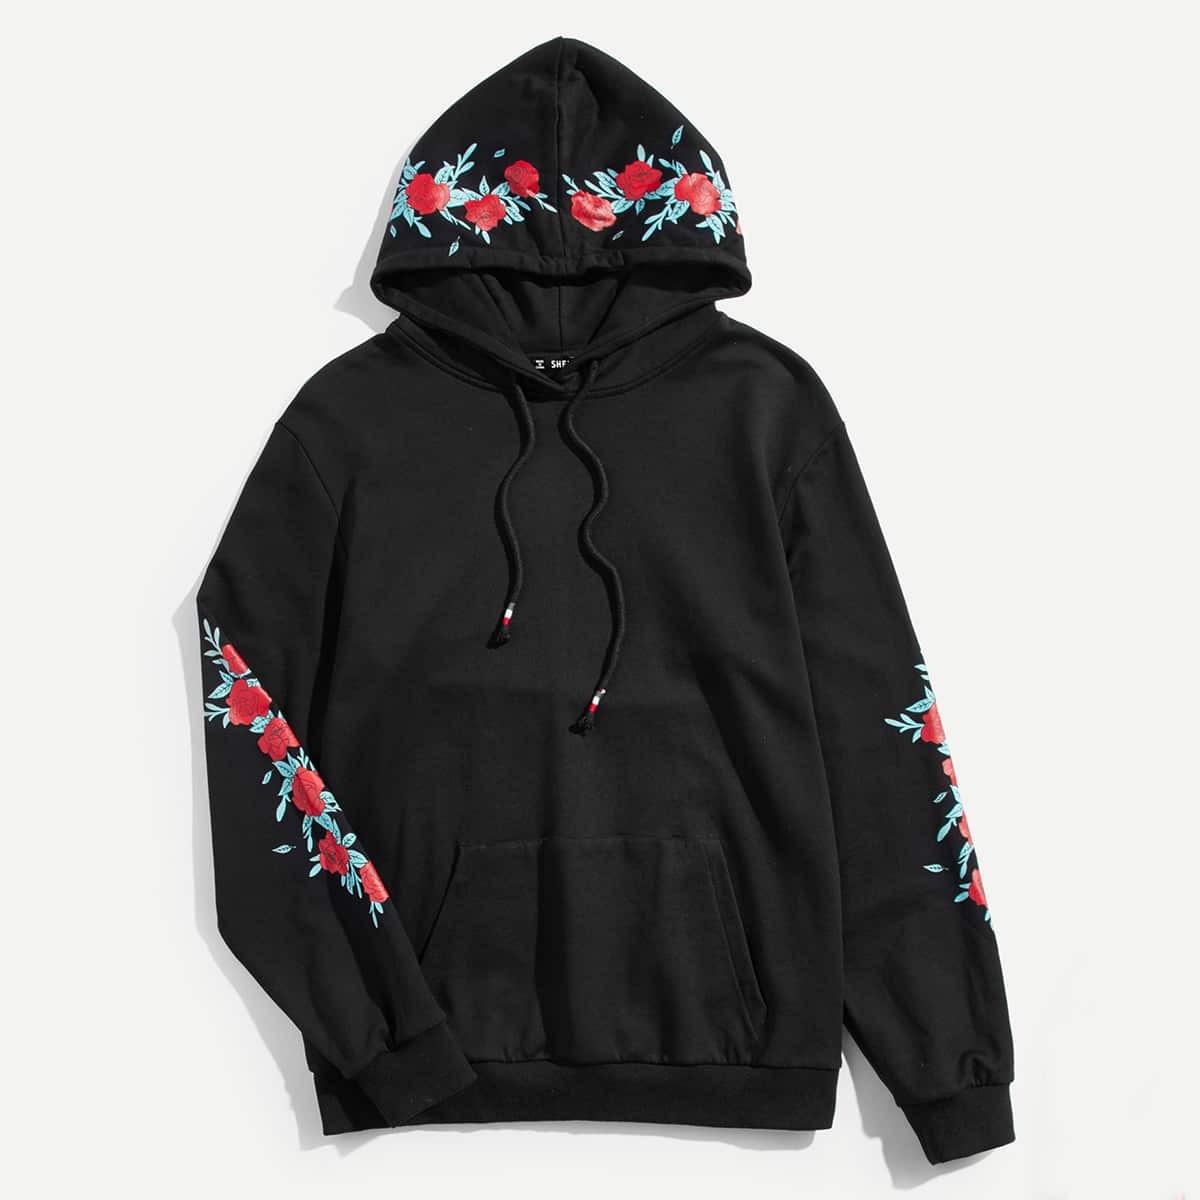 Zwart Casual Koord Bloemen Sweatshirts voor heren